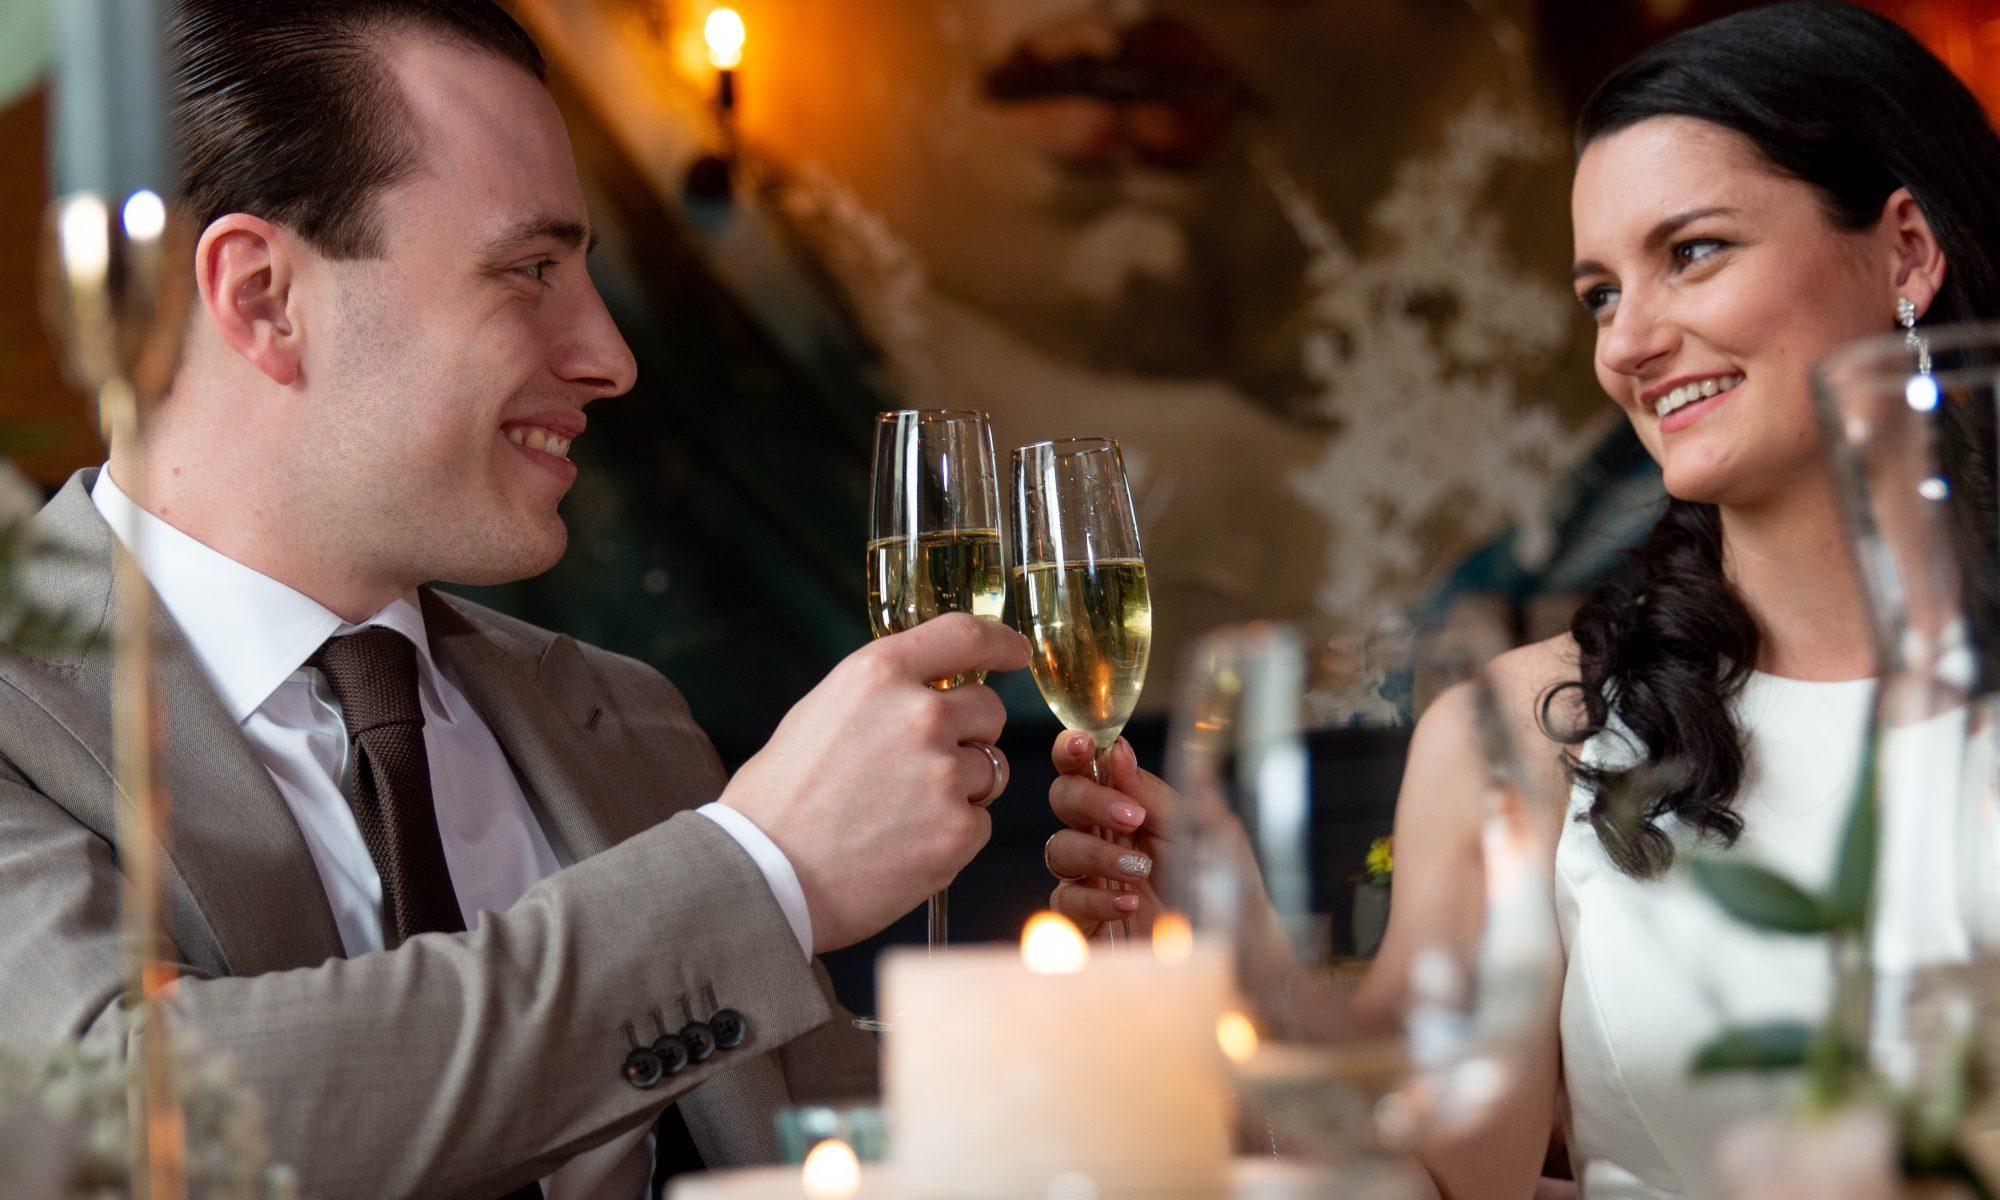 maatwerk voor jullie bruiloft